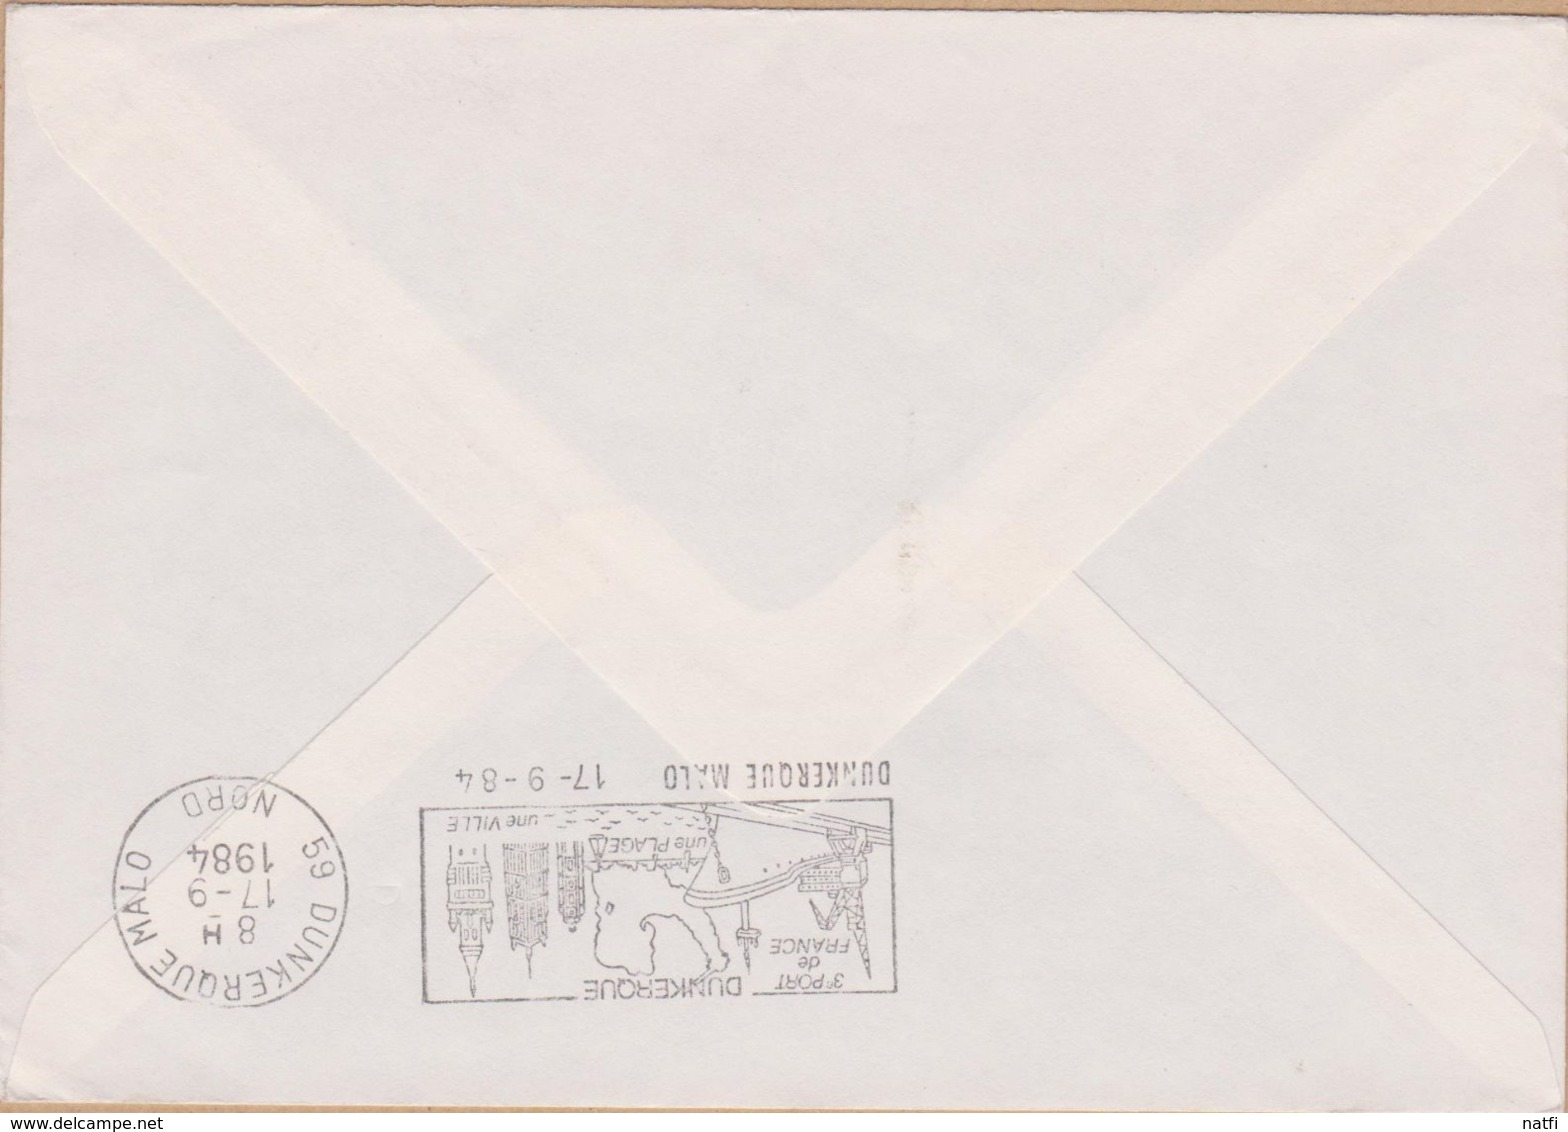 ENVELOPPE TIMBRE  1984 EXPO DES GIRONDINS DE BORDEAUX FOOTBALL CLUB CHAMPIONS DE FRANCE (BORDEAUX  A DUNKERQUE  MALO ) - Marcophilie (Lettres)